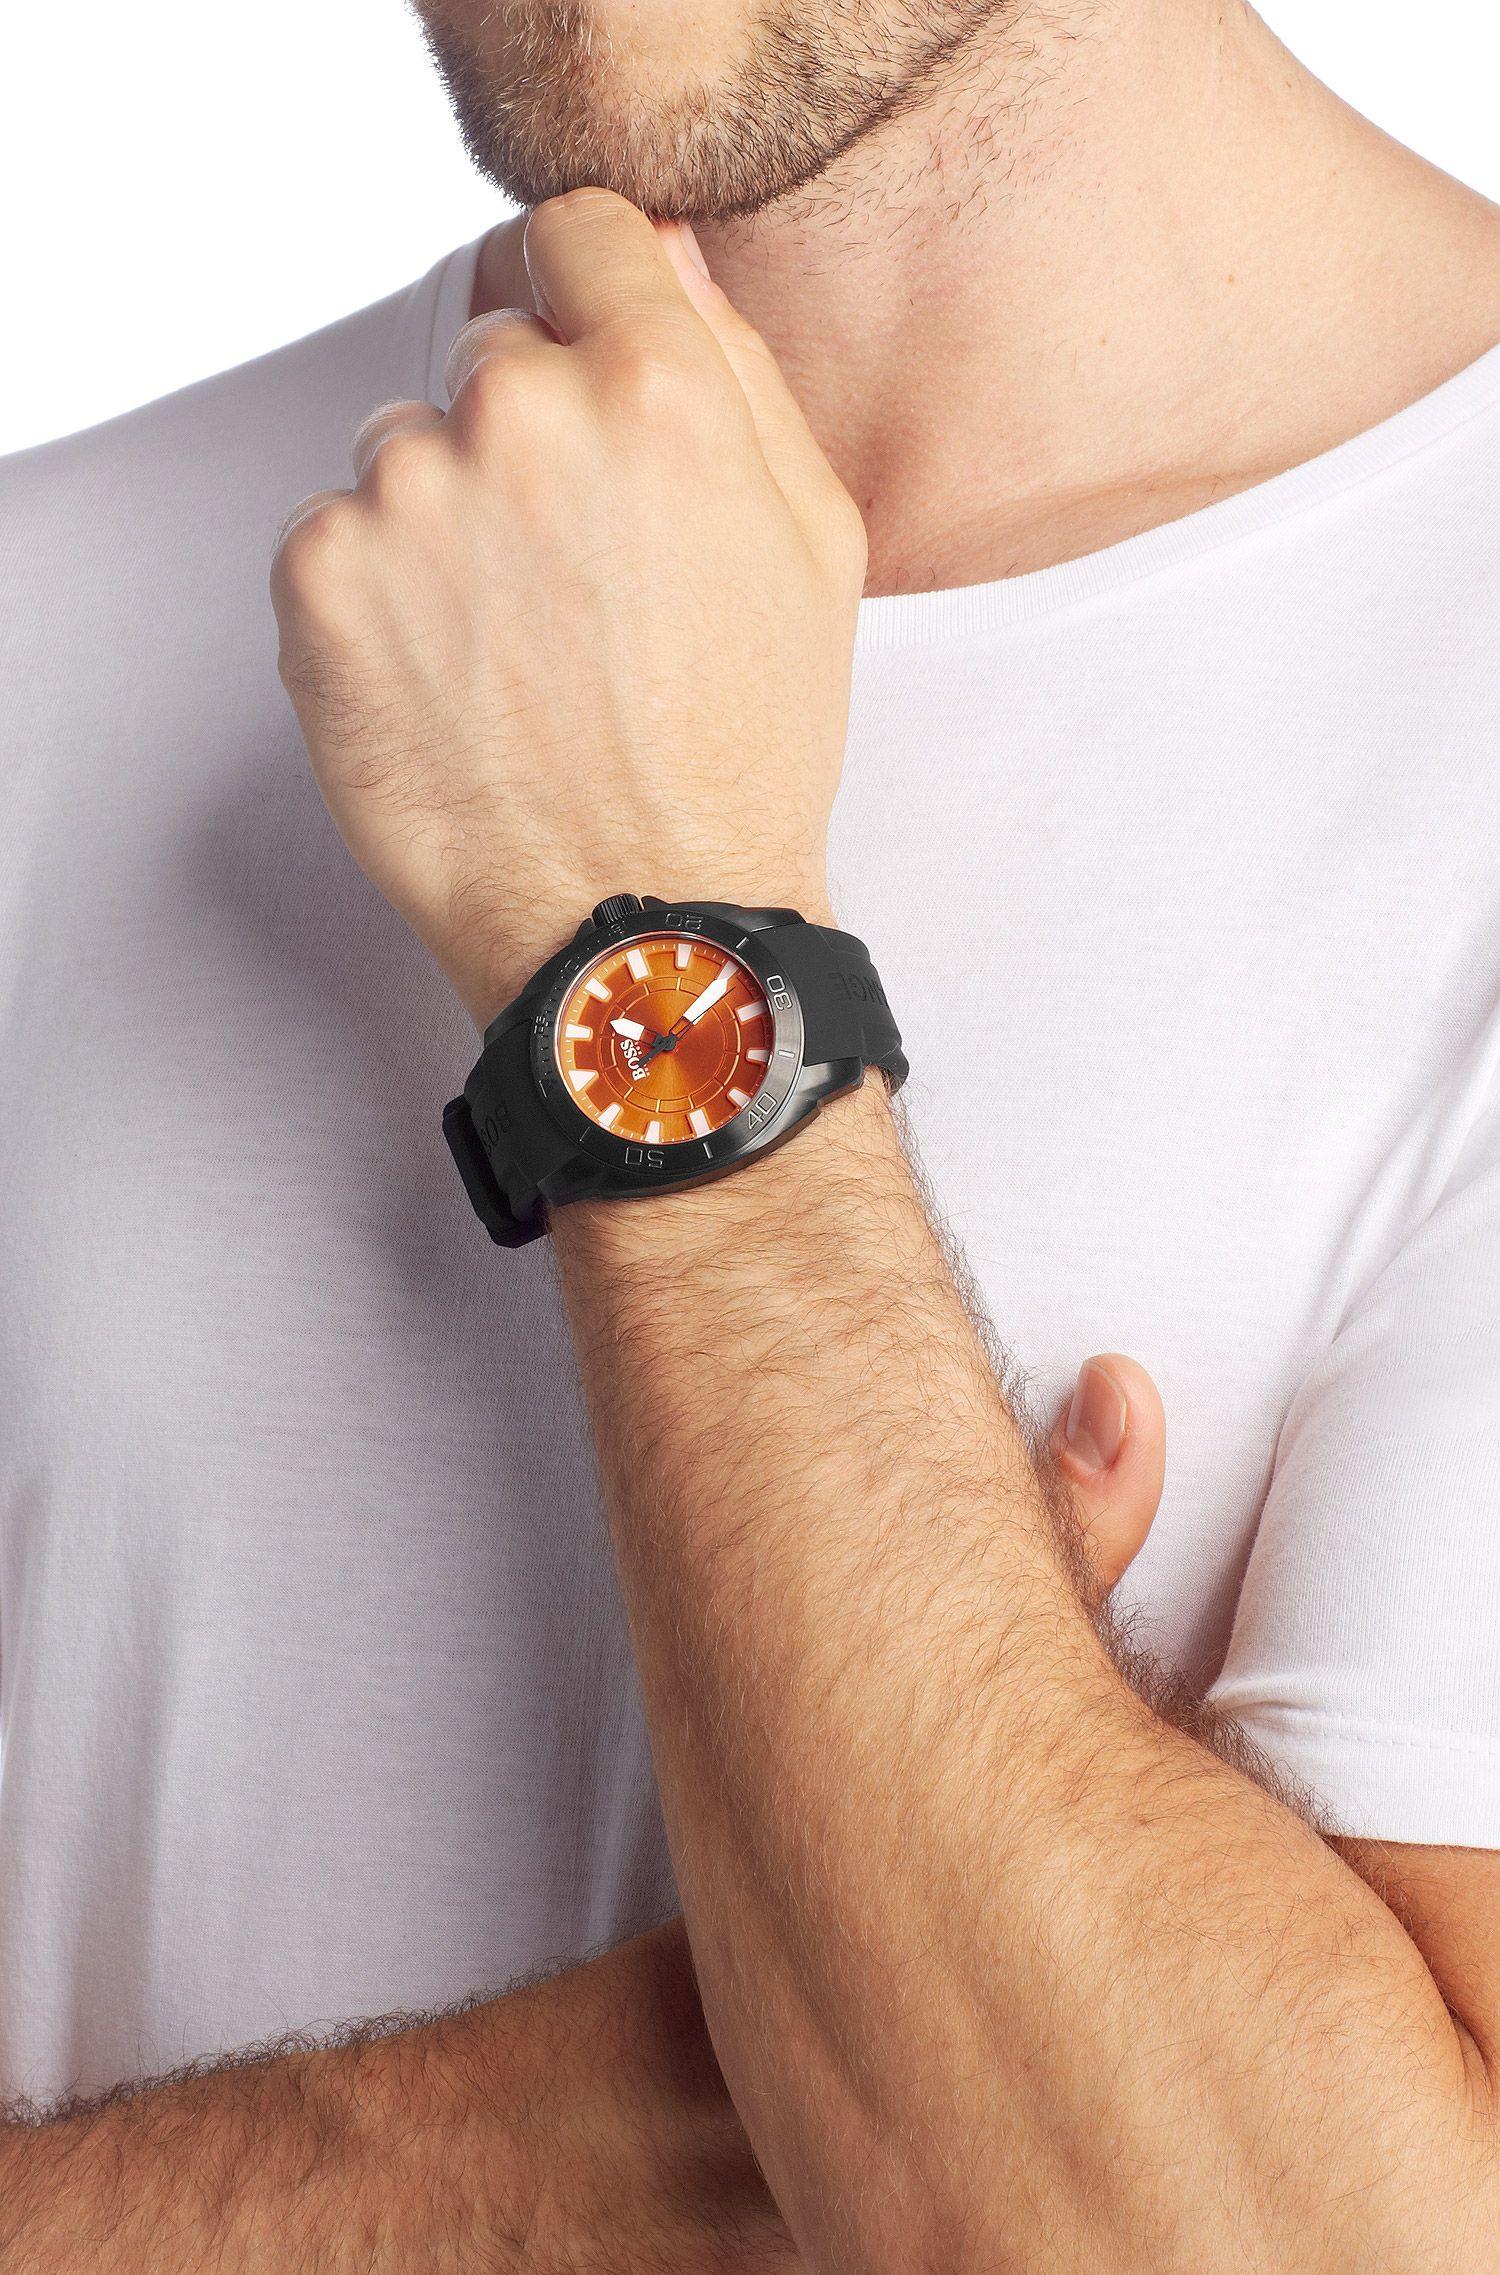 Montre homme à bracelet en silicone, HO7006